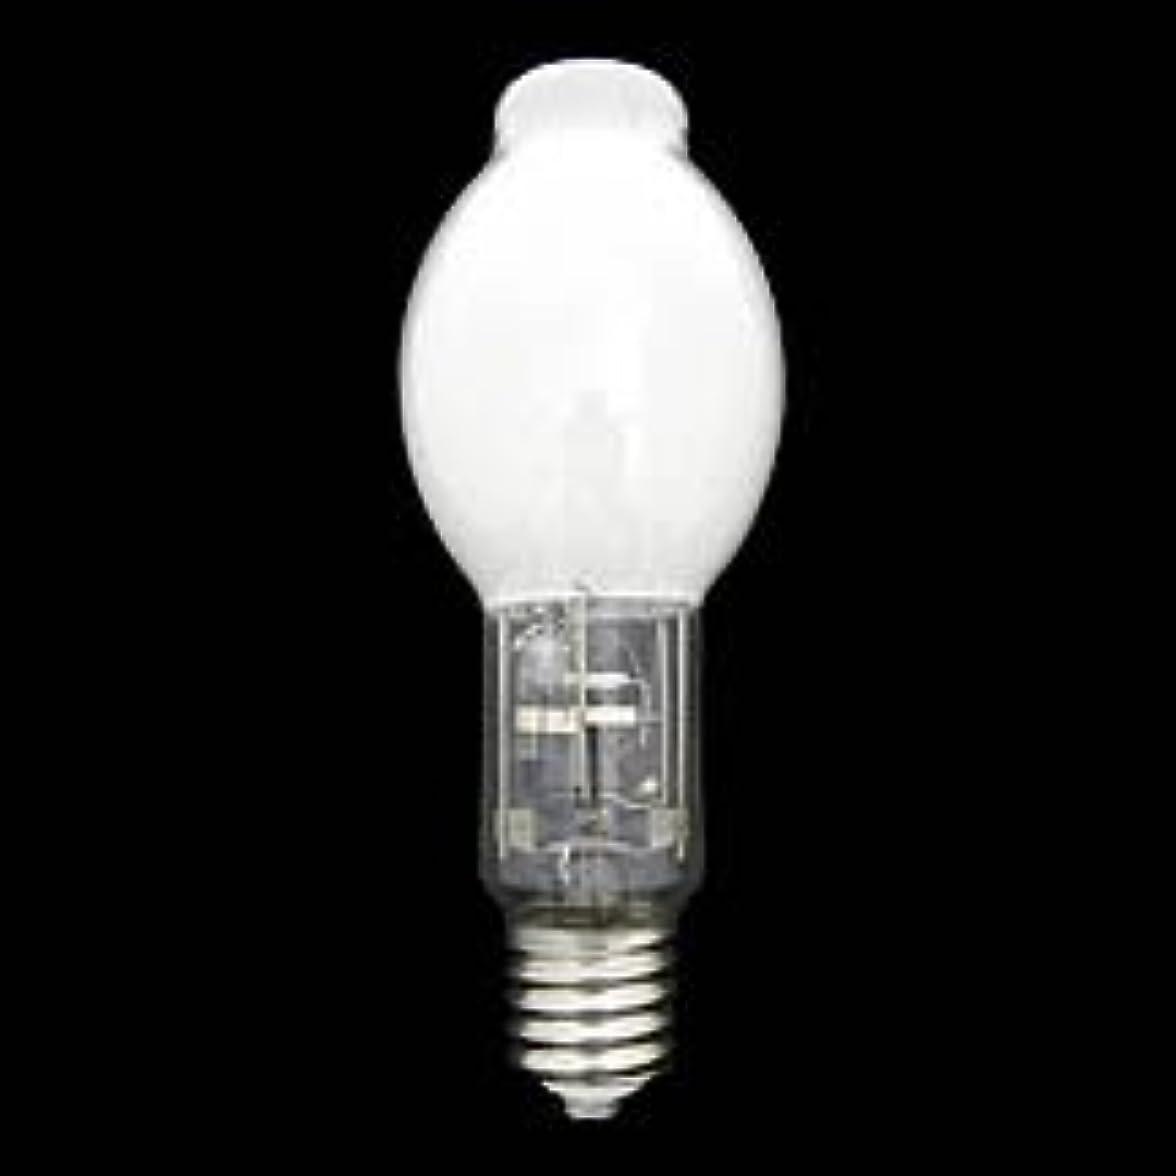 真空量ライセンス東芝 HL-ネオハライド2(水銀灯系) 蛍光形 下向点灯形 UVカット膜付 100W E26口金 MF100LJ2BUPSUVS